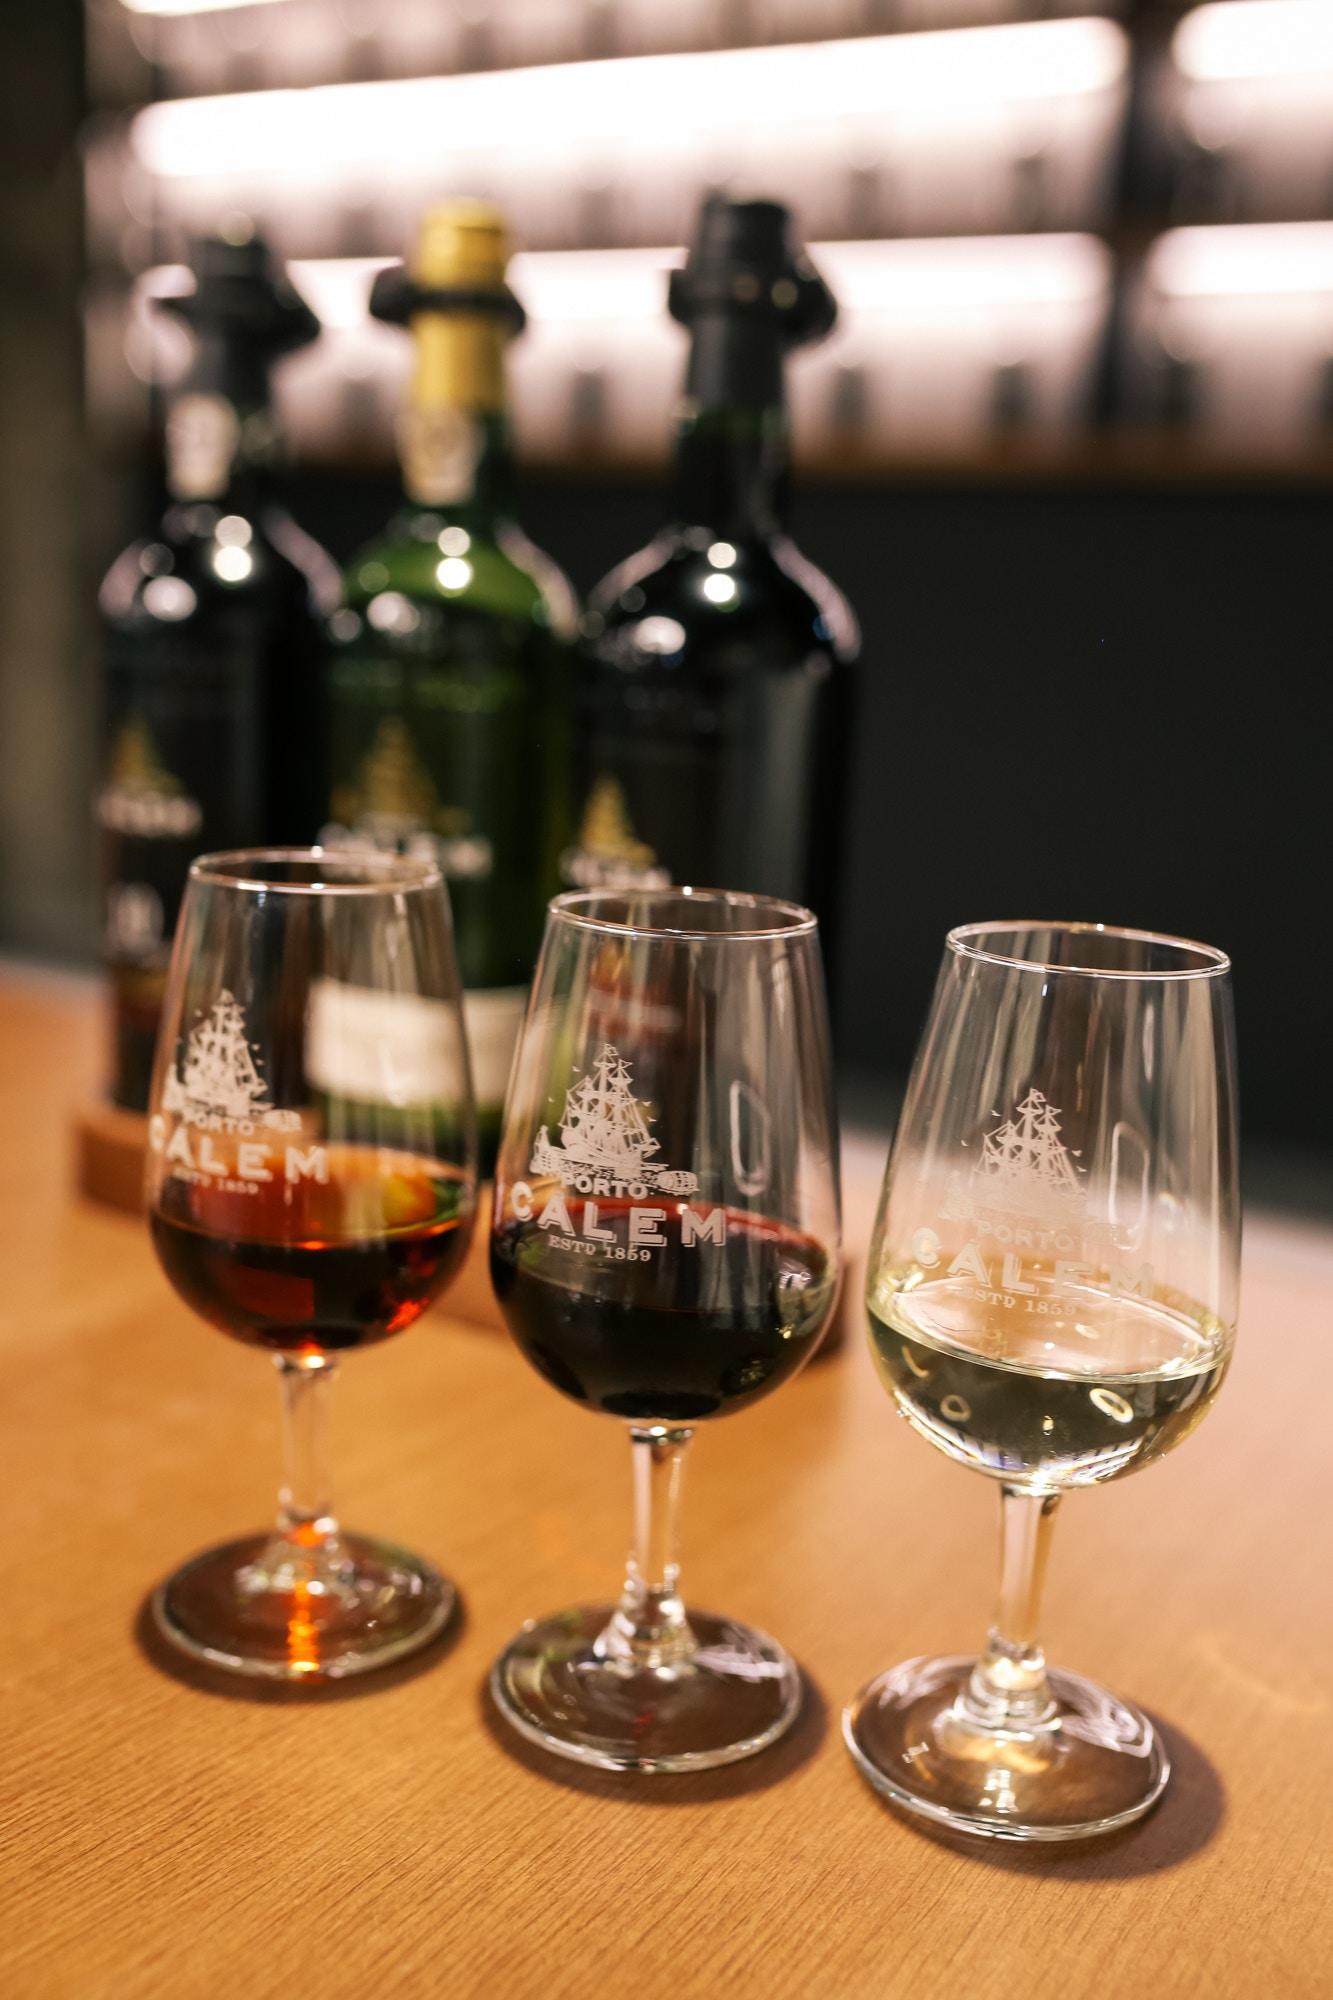 port wine cellars calem review samples